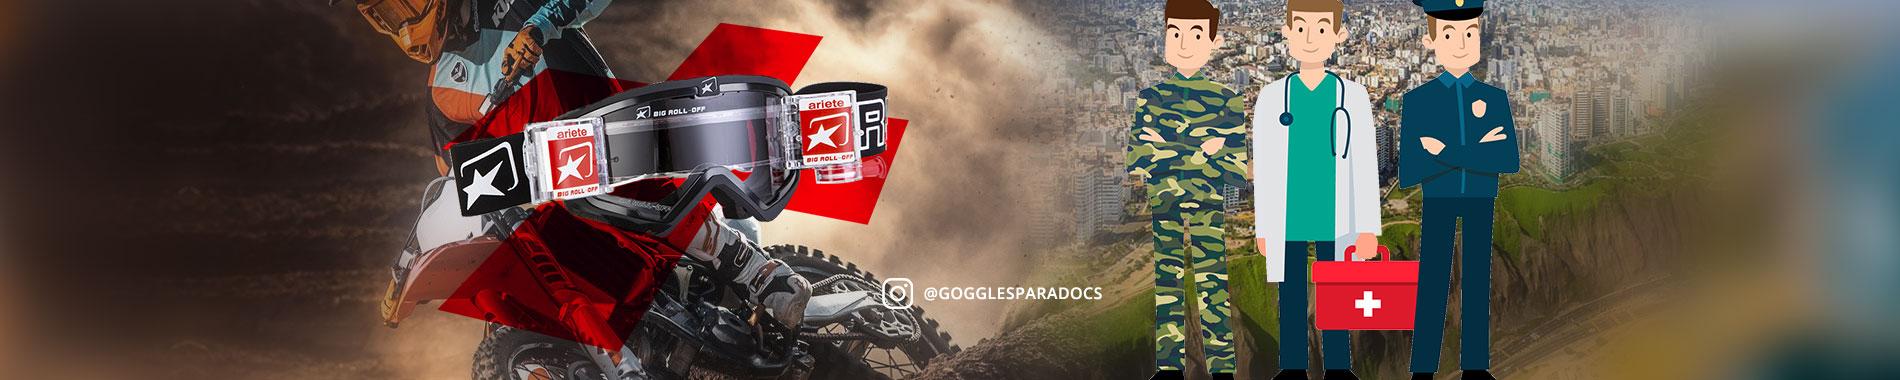 Socopur Motorsports - Campaña Covid 5